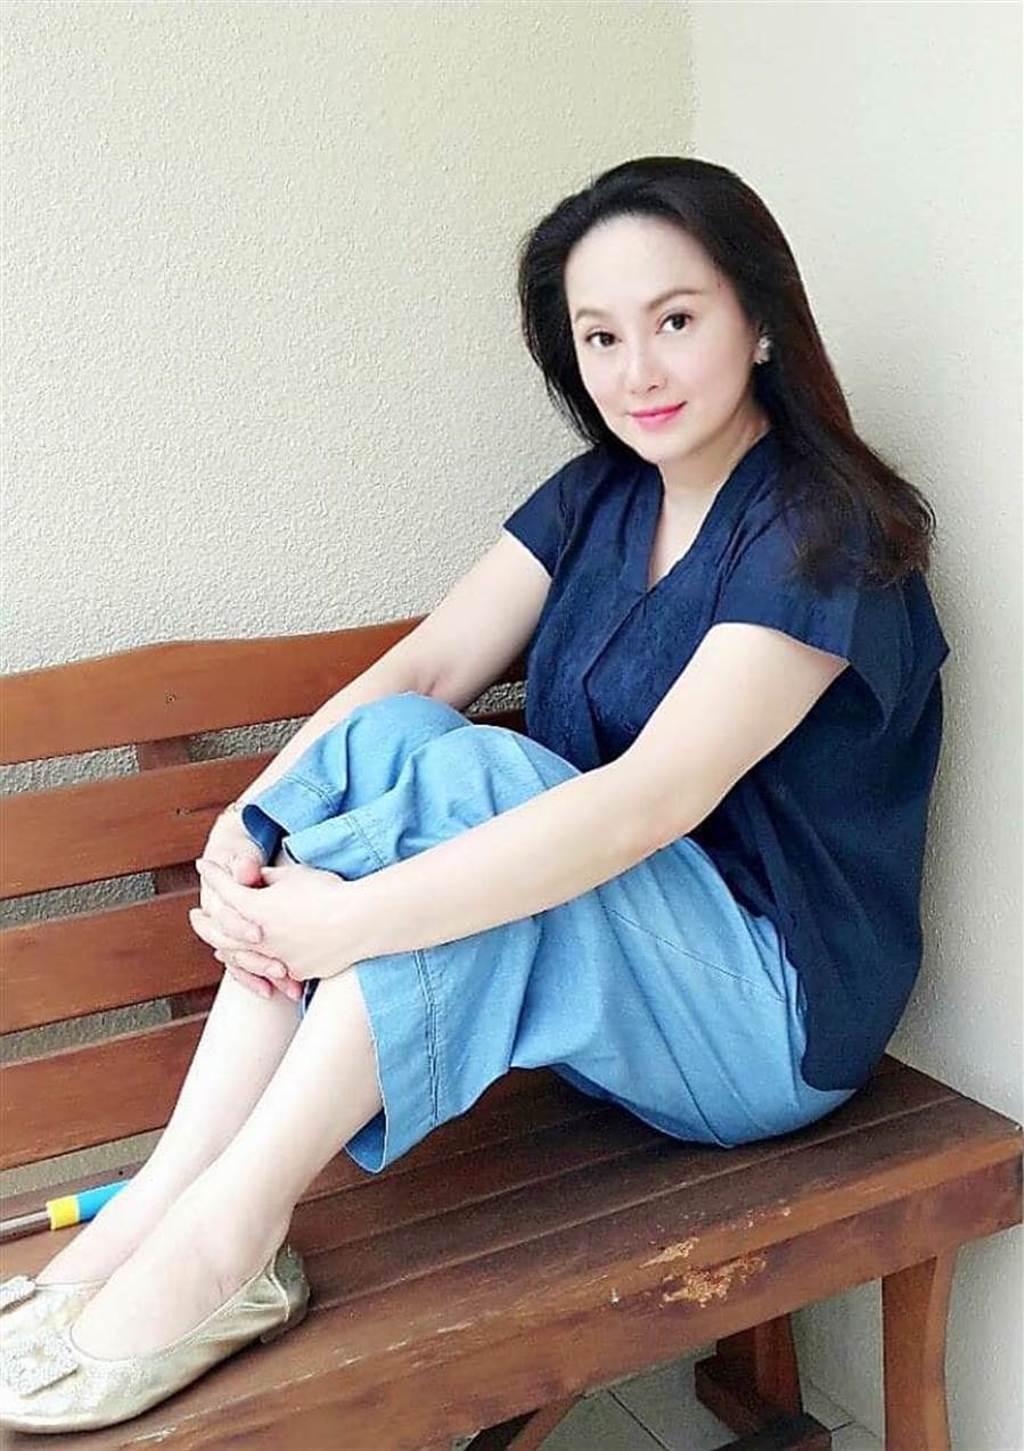 現在的蔡佳宏不眷戀演藝圈,過著穩定的上班族生活。(圖/FB@蔡佳宏)